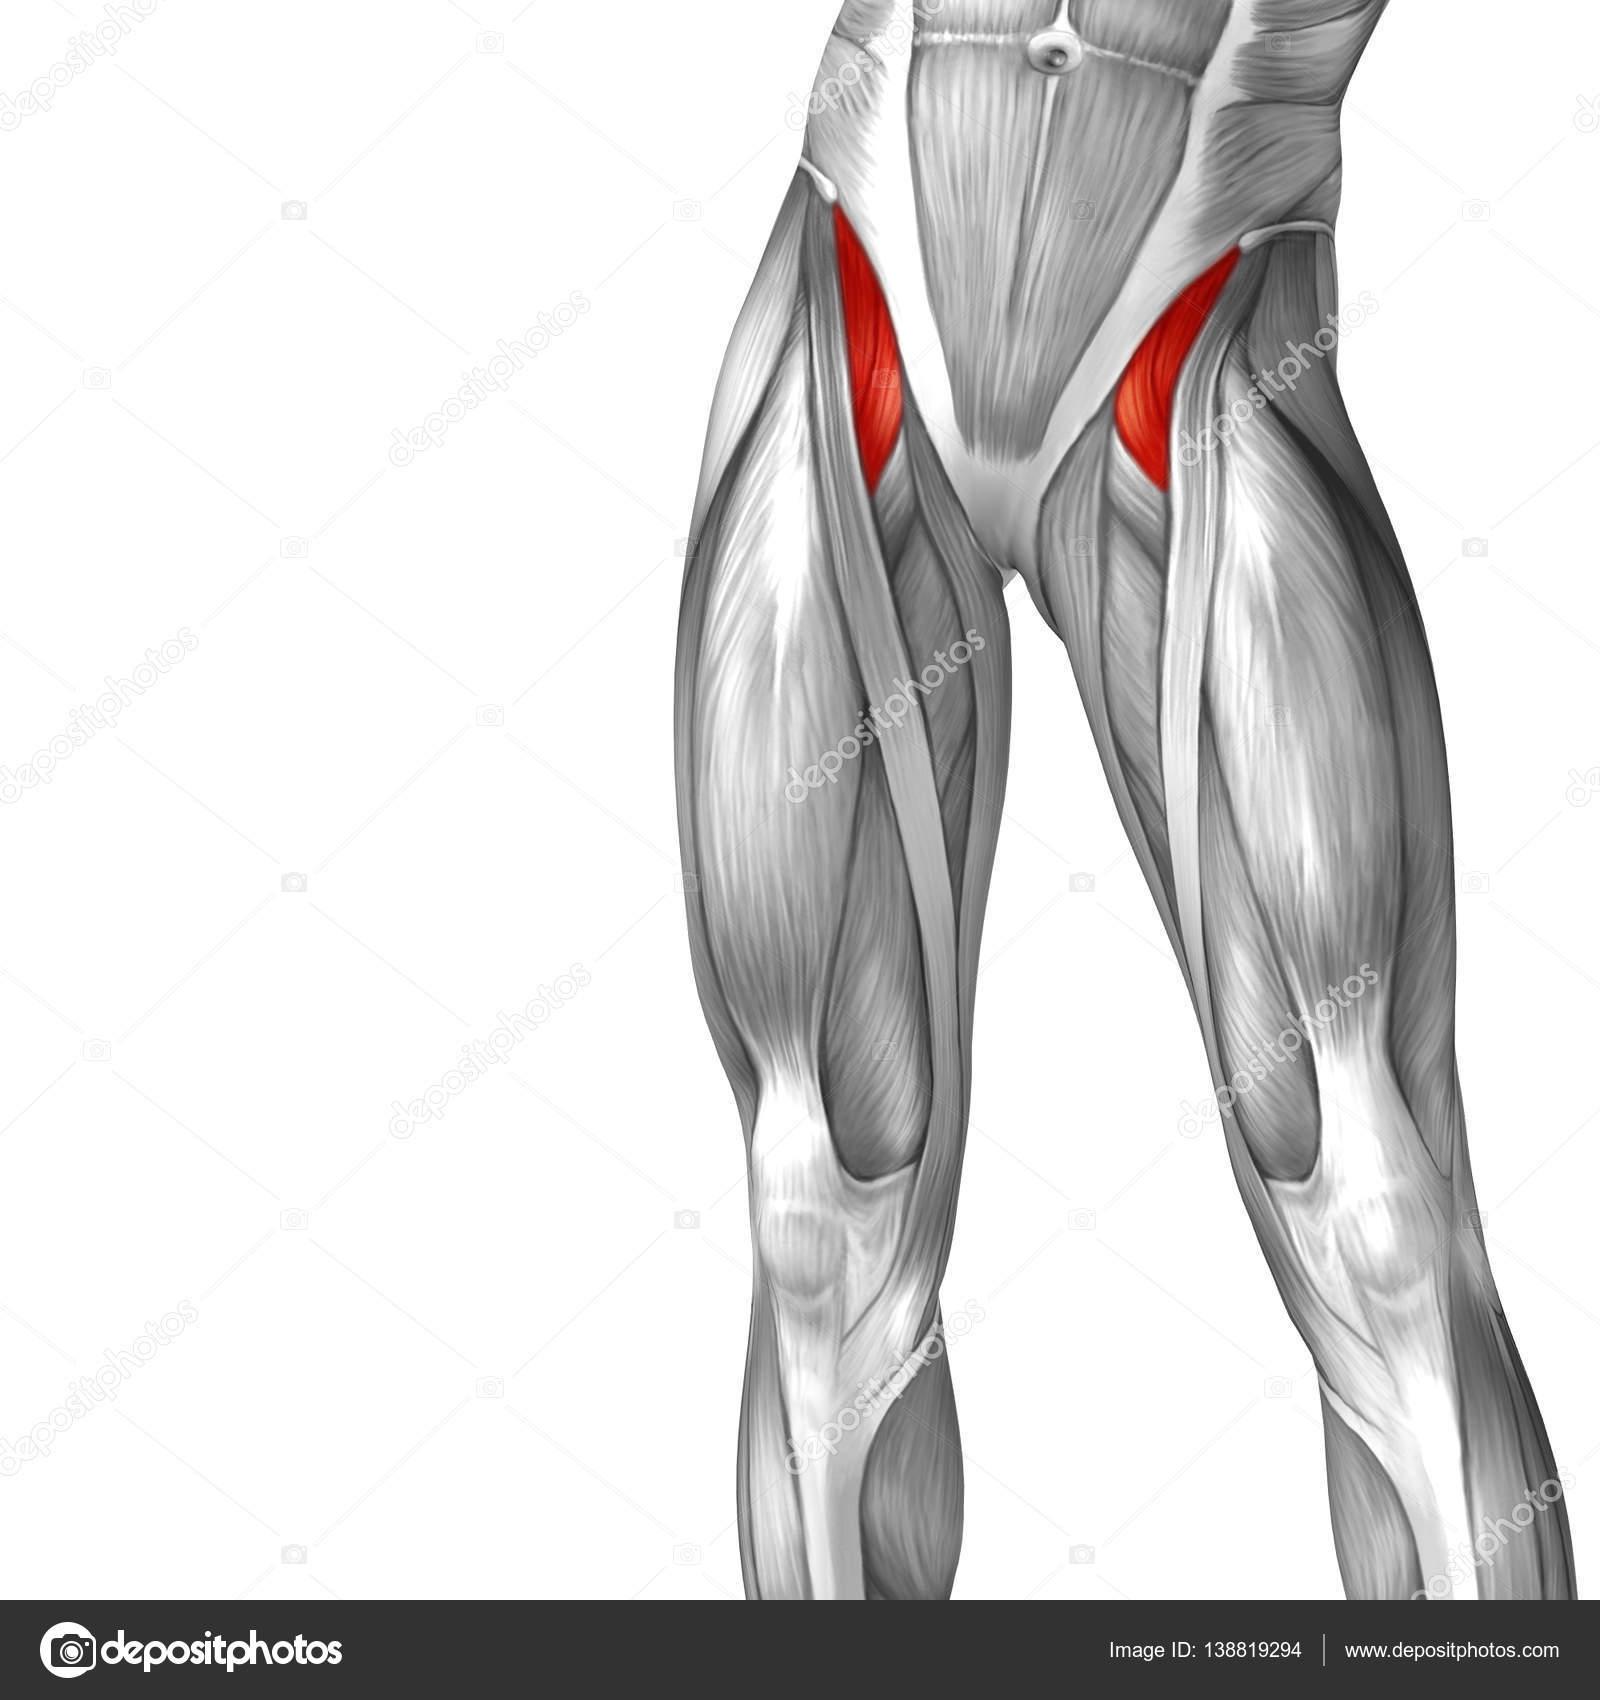 menschliche Oberschenkel-Anatomie — Stockfoto © design36 #138819294